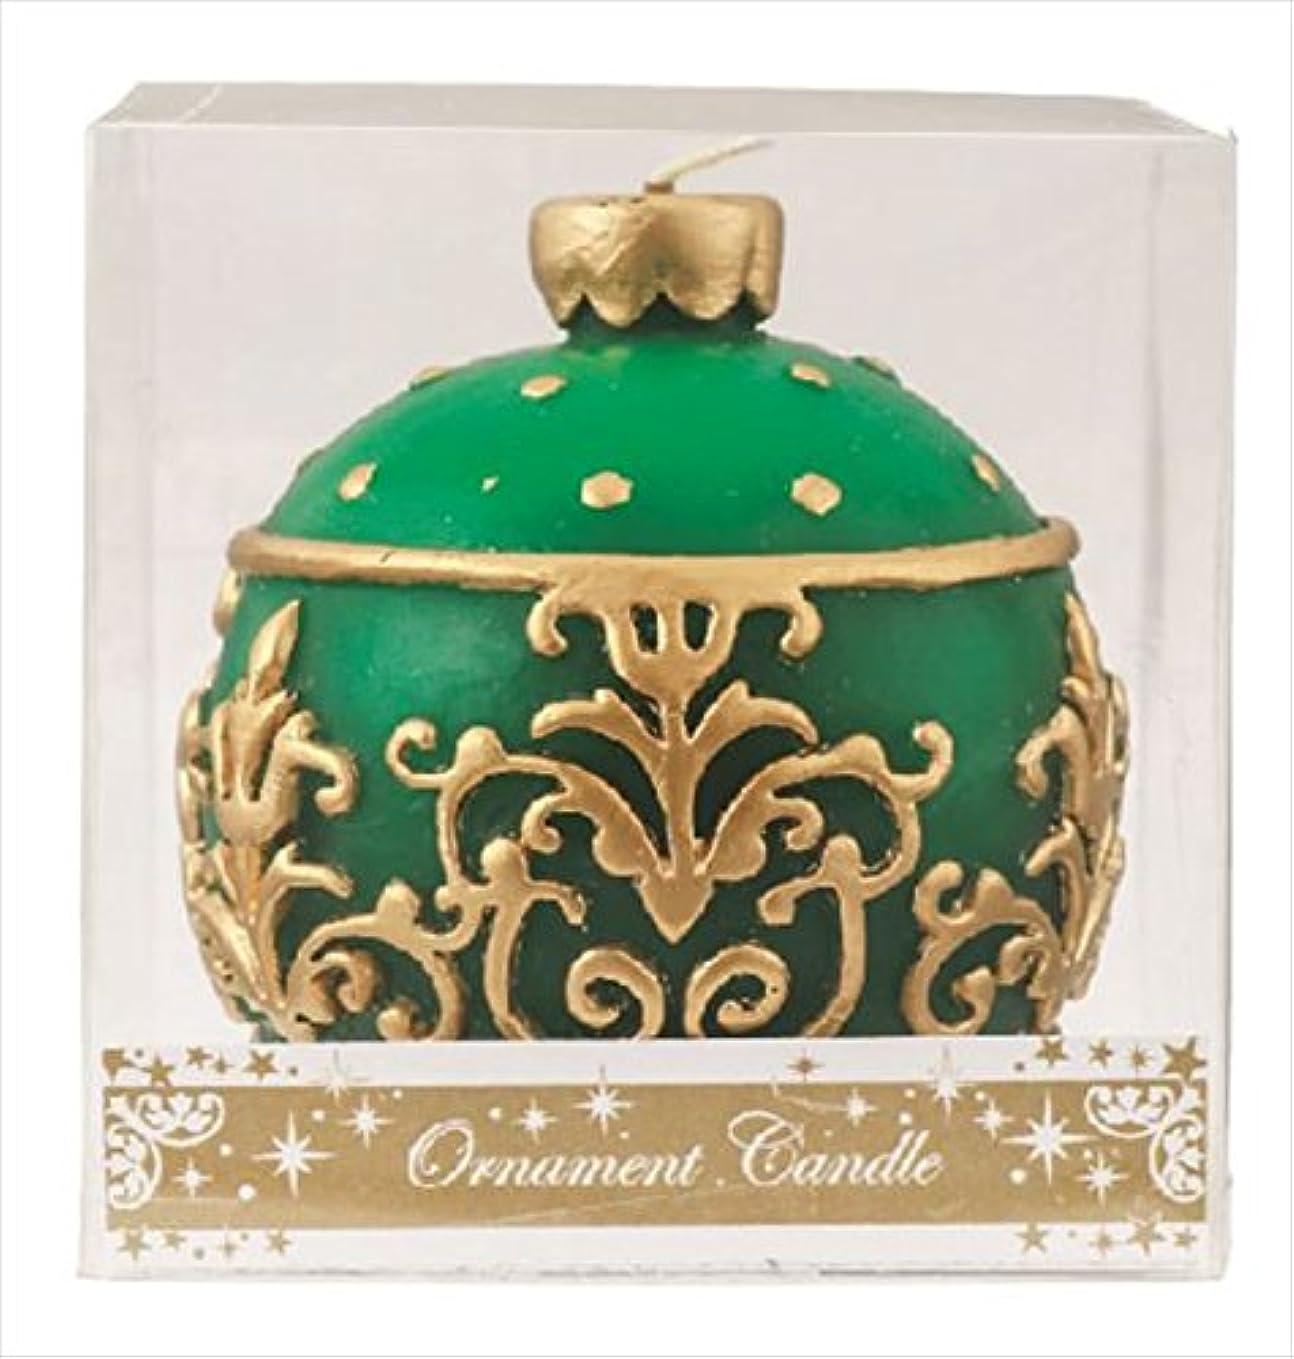 眠るマラドロイト純粋なカメヤマキャンドル(kameyama candle) オーナメントキャンドル 「 グリーン 」